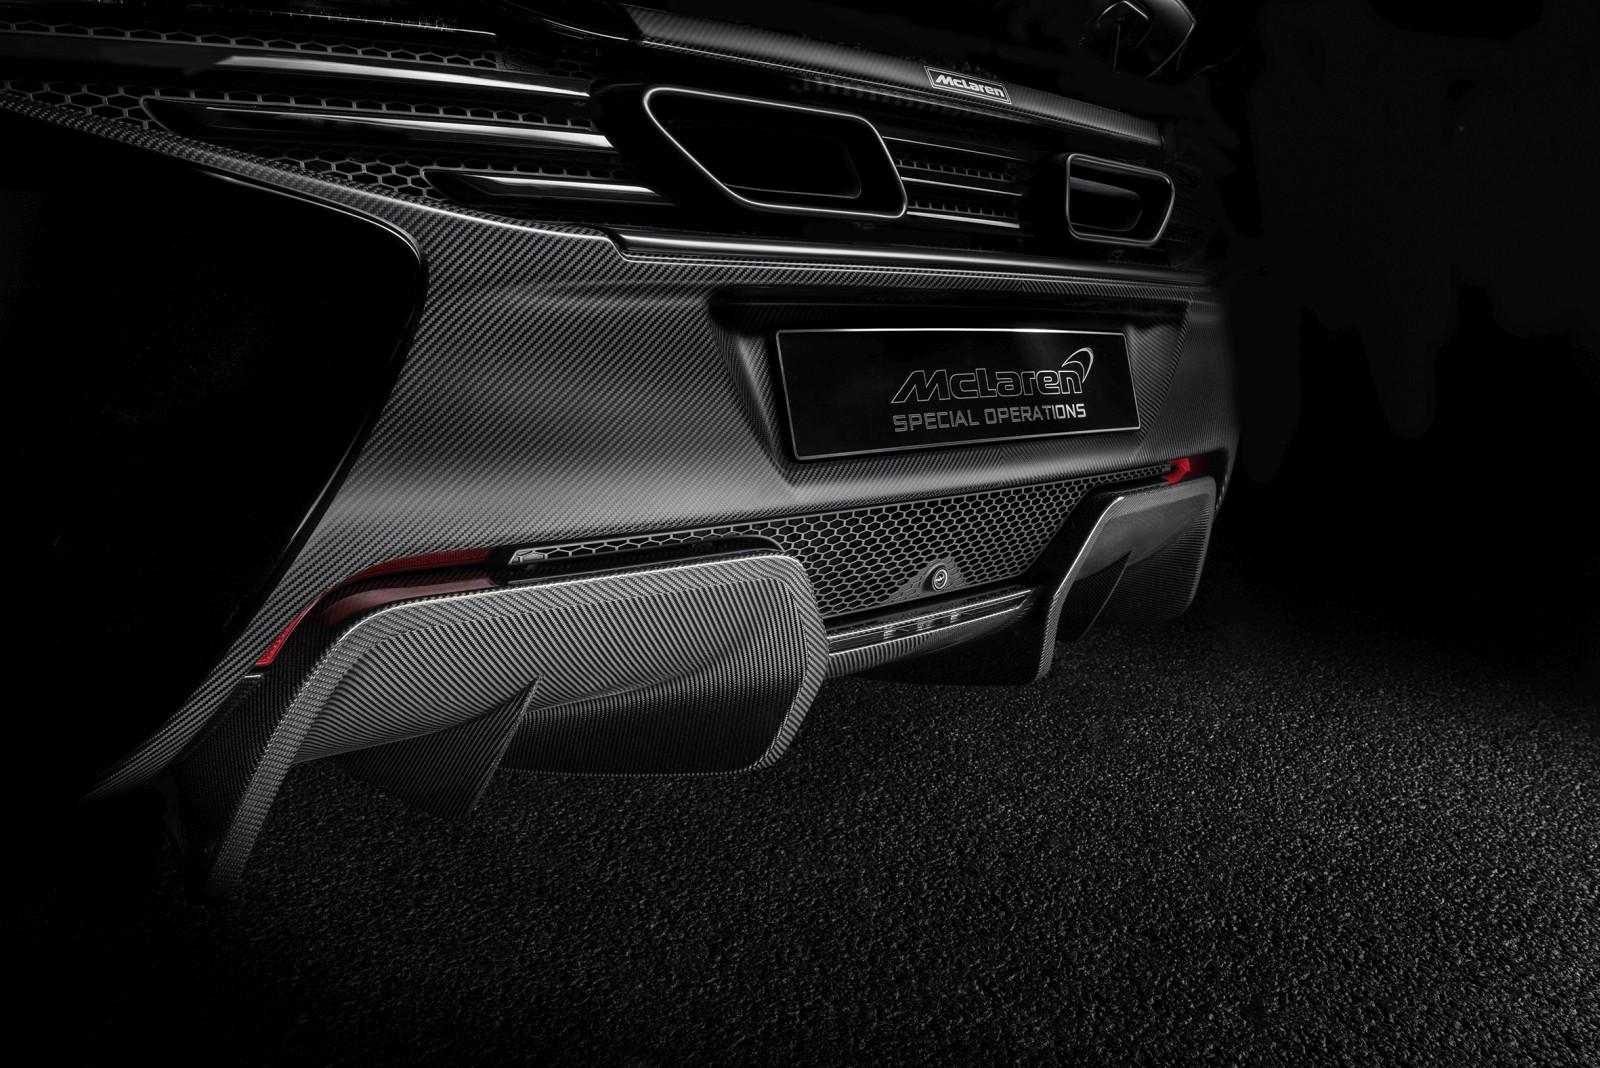 McLaren-12C-650S-675LT-MSO-personalisation-options-3